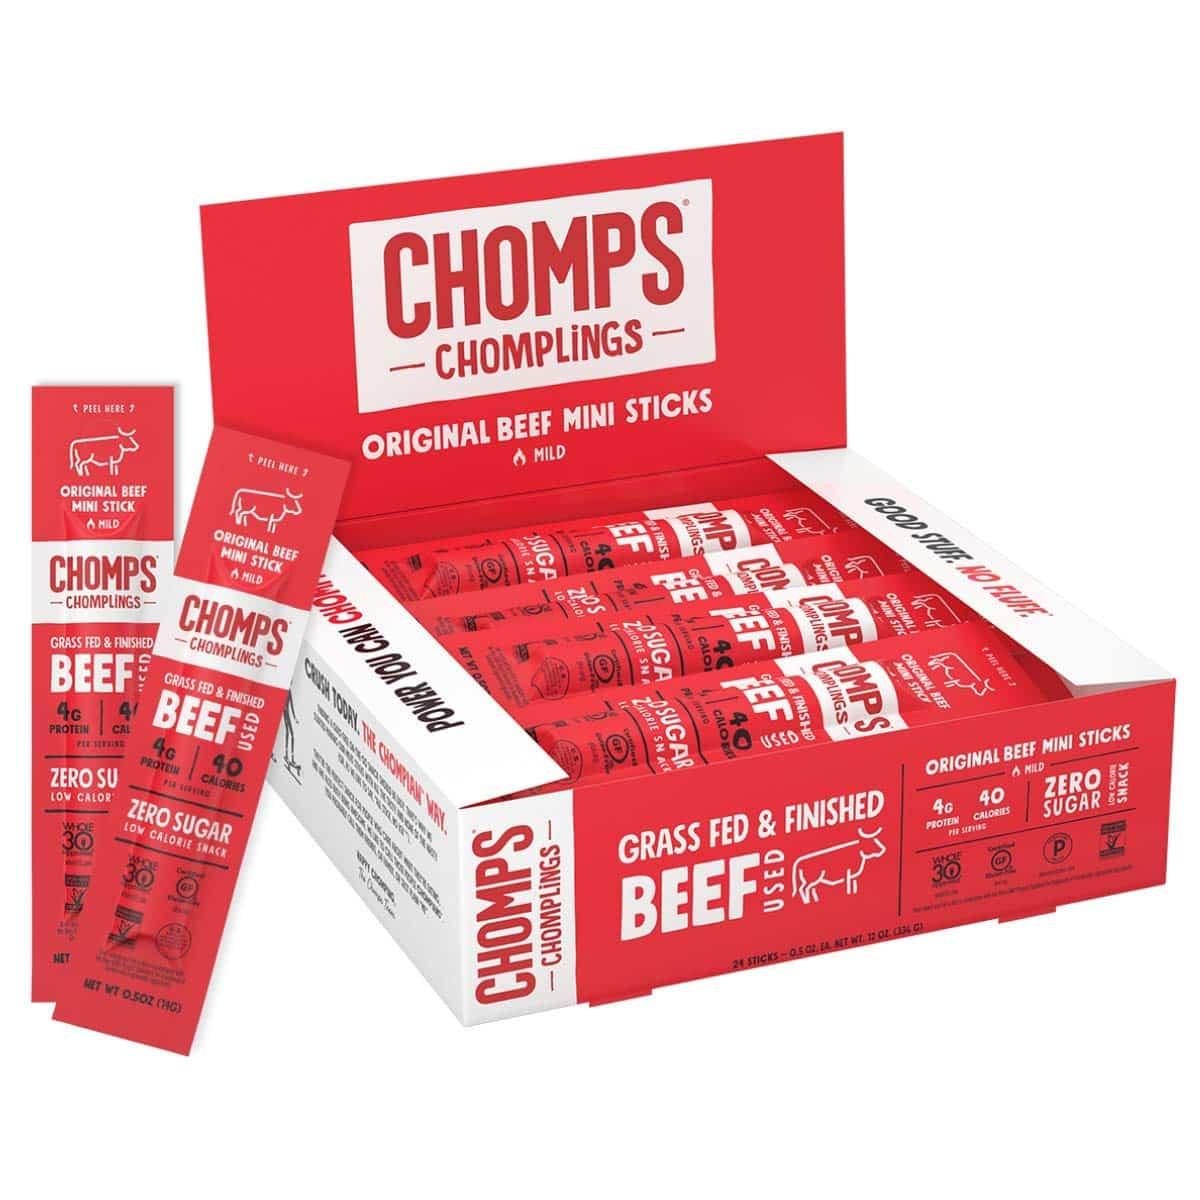 chomps grass-fed beef jerky